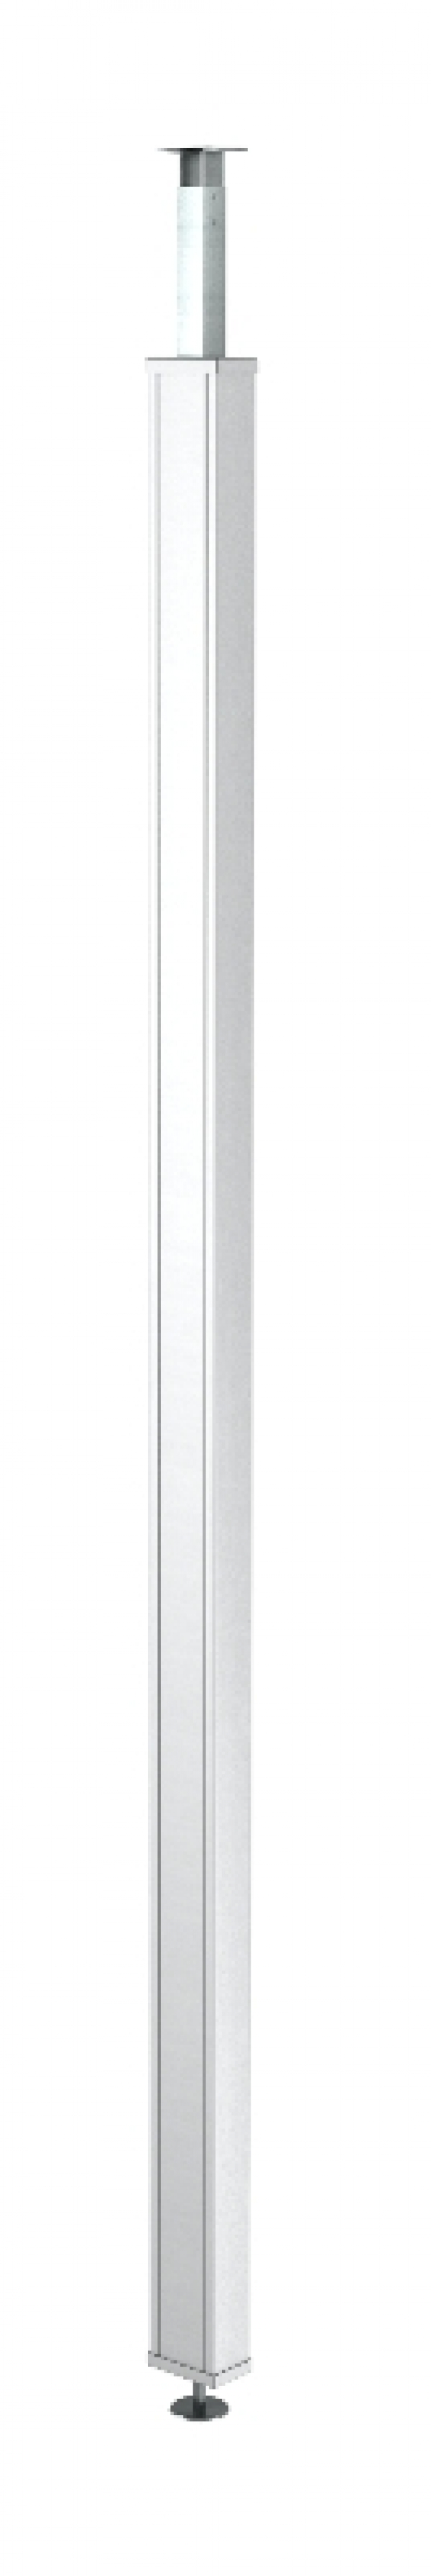 6286540 - OBO BETTERMANN Электромонтажная колонна 2,8-3,7 м 70x110x2800 мм (сталь,белый) (ISS70110STKRW).